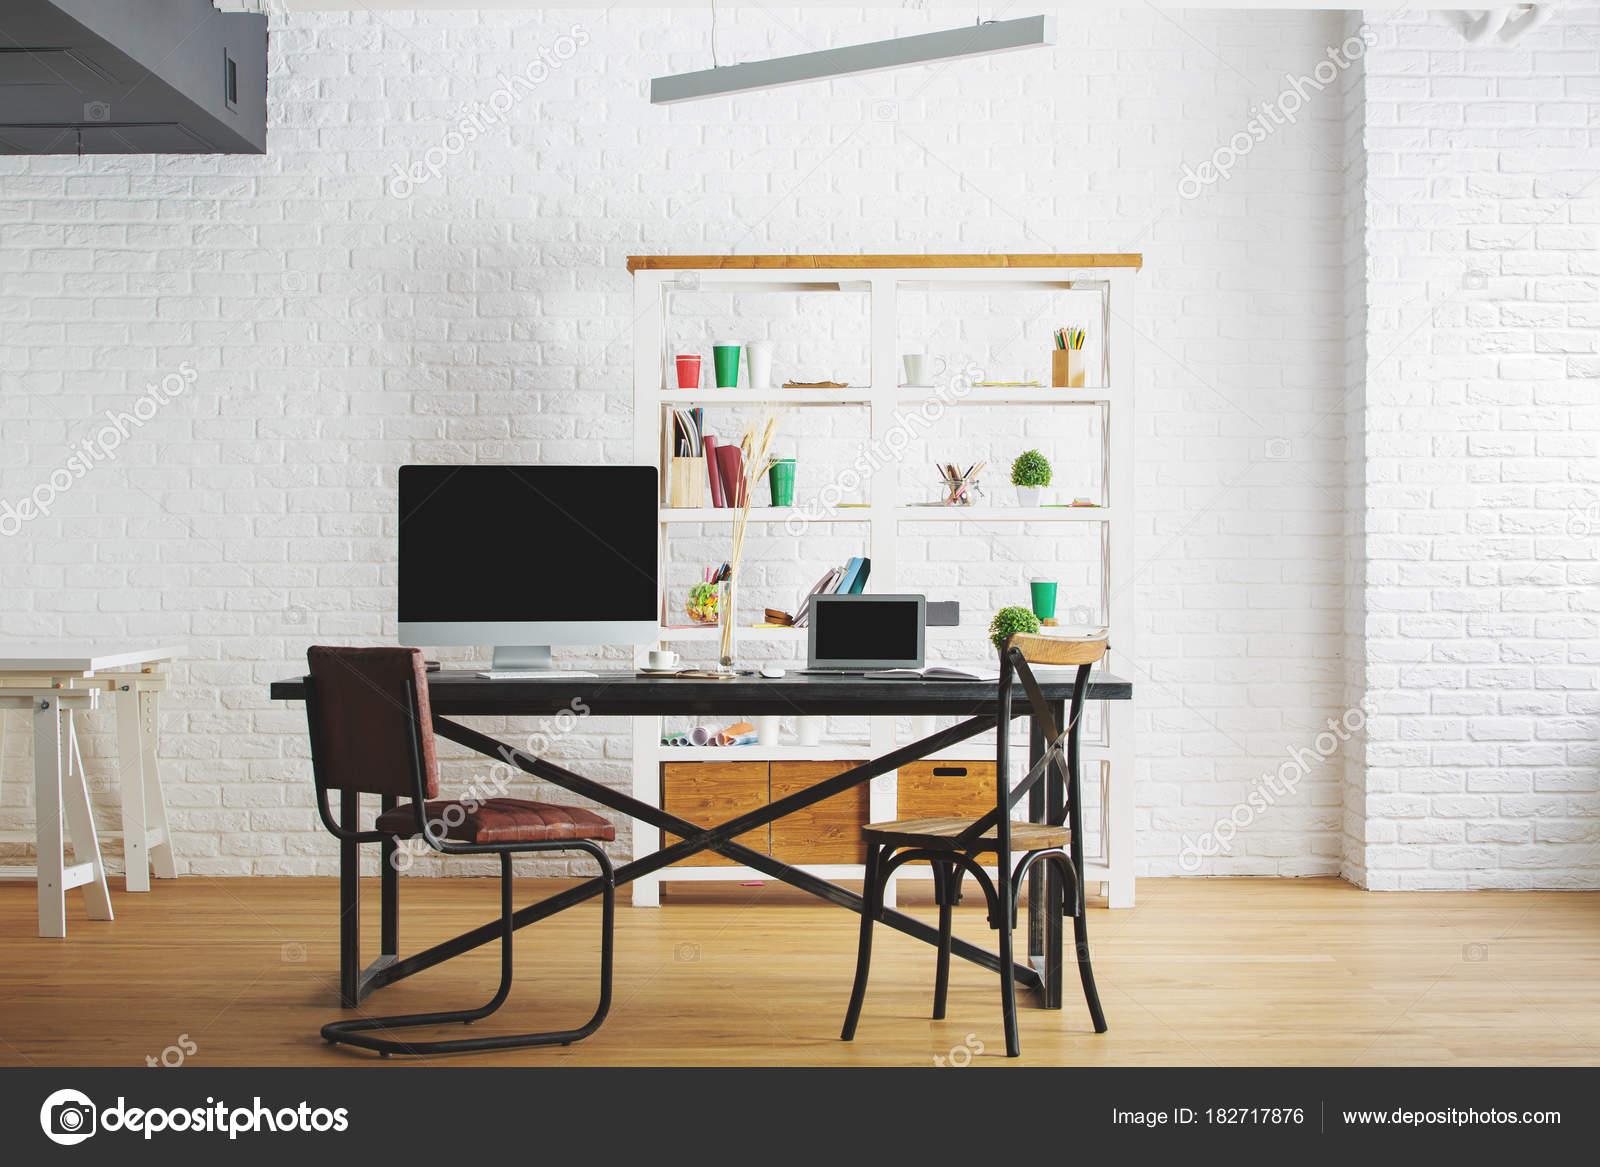 Corporate Loft Interieur mit Arbeitsplatz — Stockfoto © peshkova ...